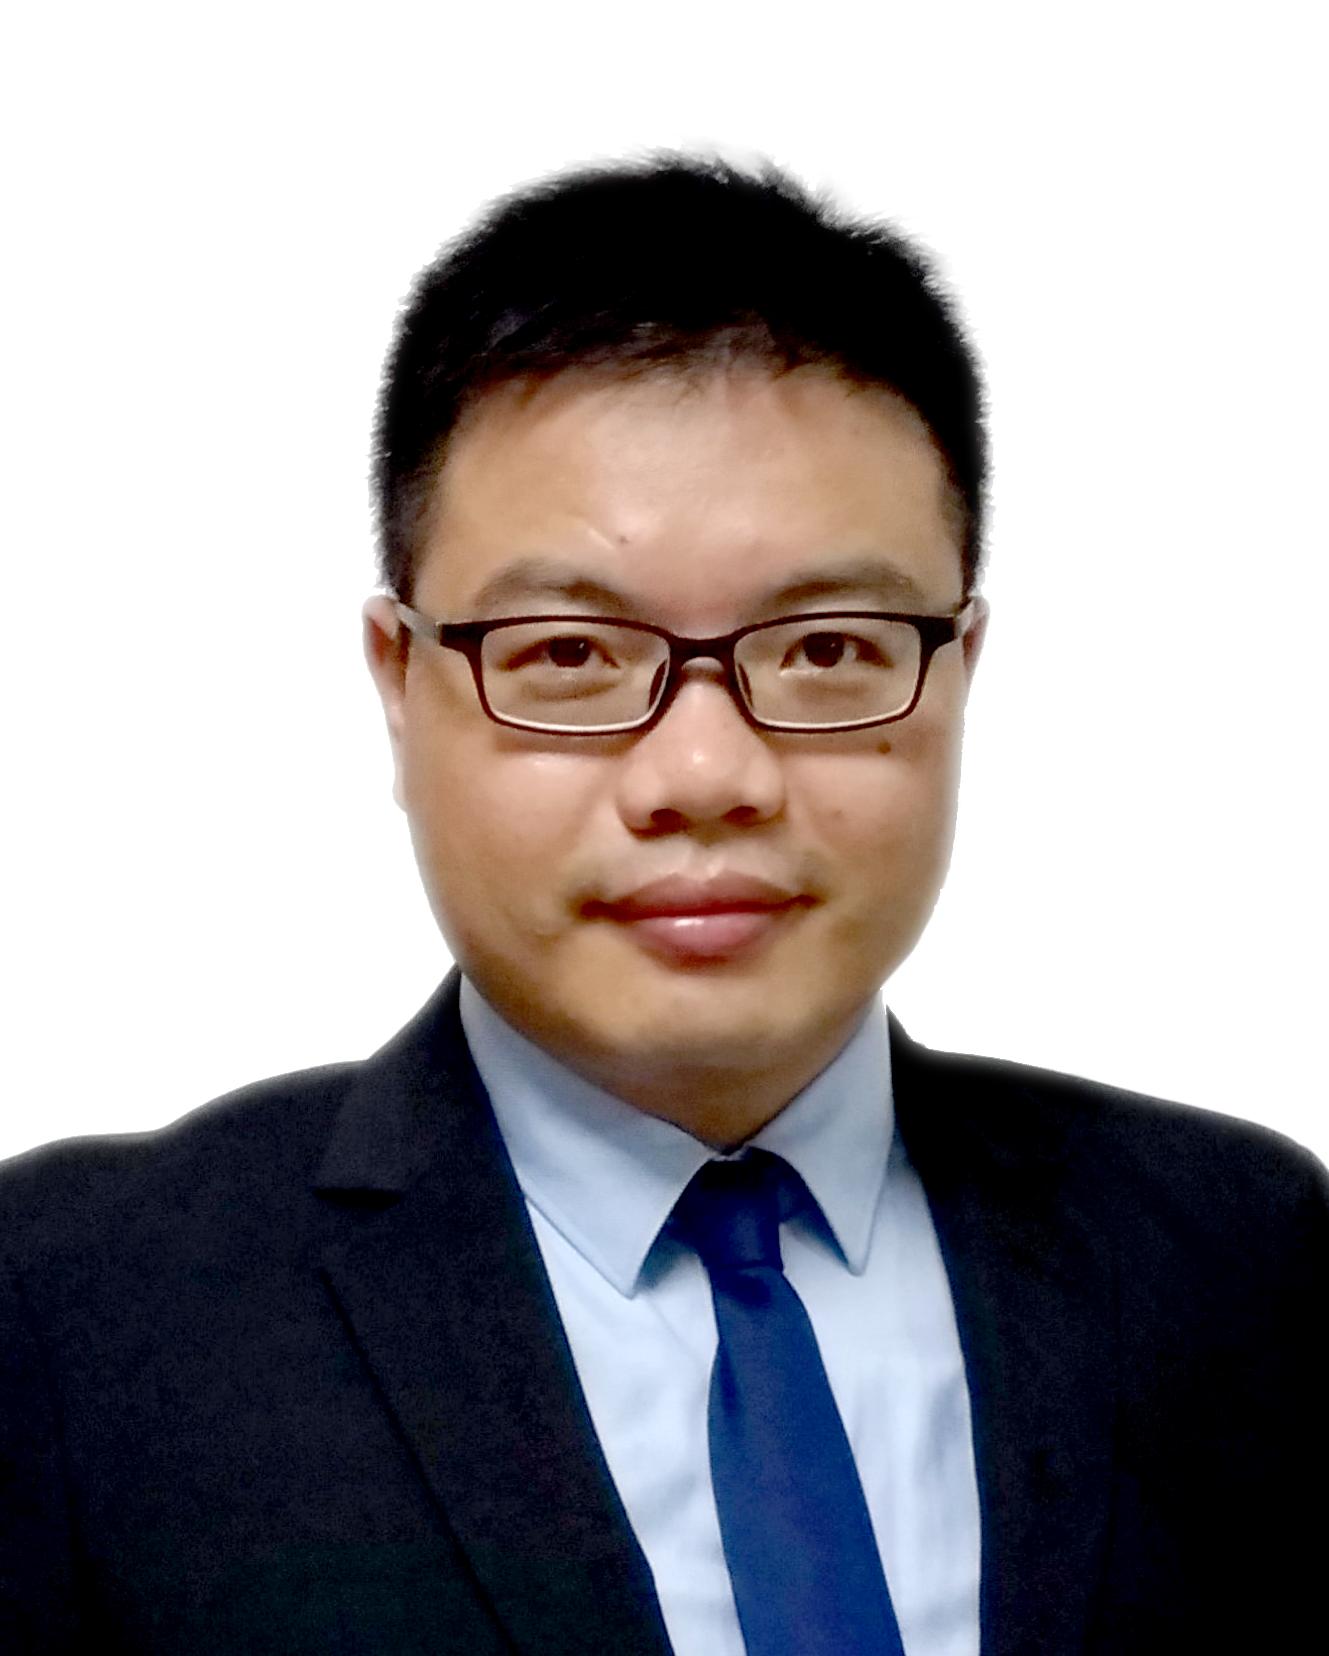 Dr Zhu Peng Cheng